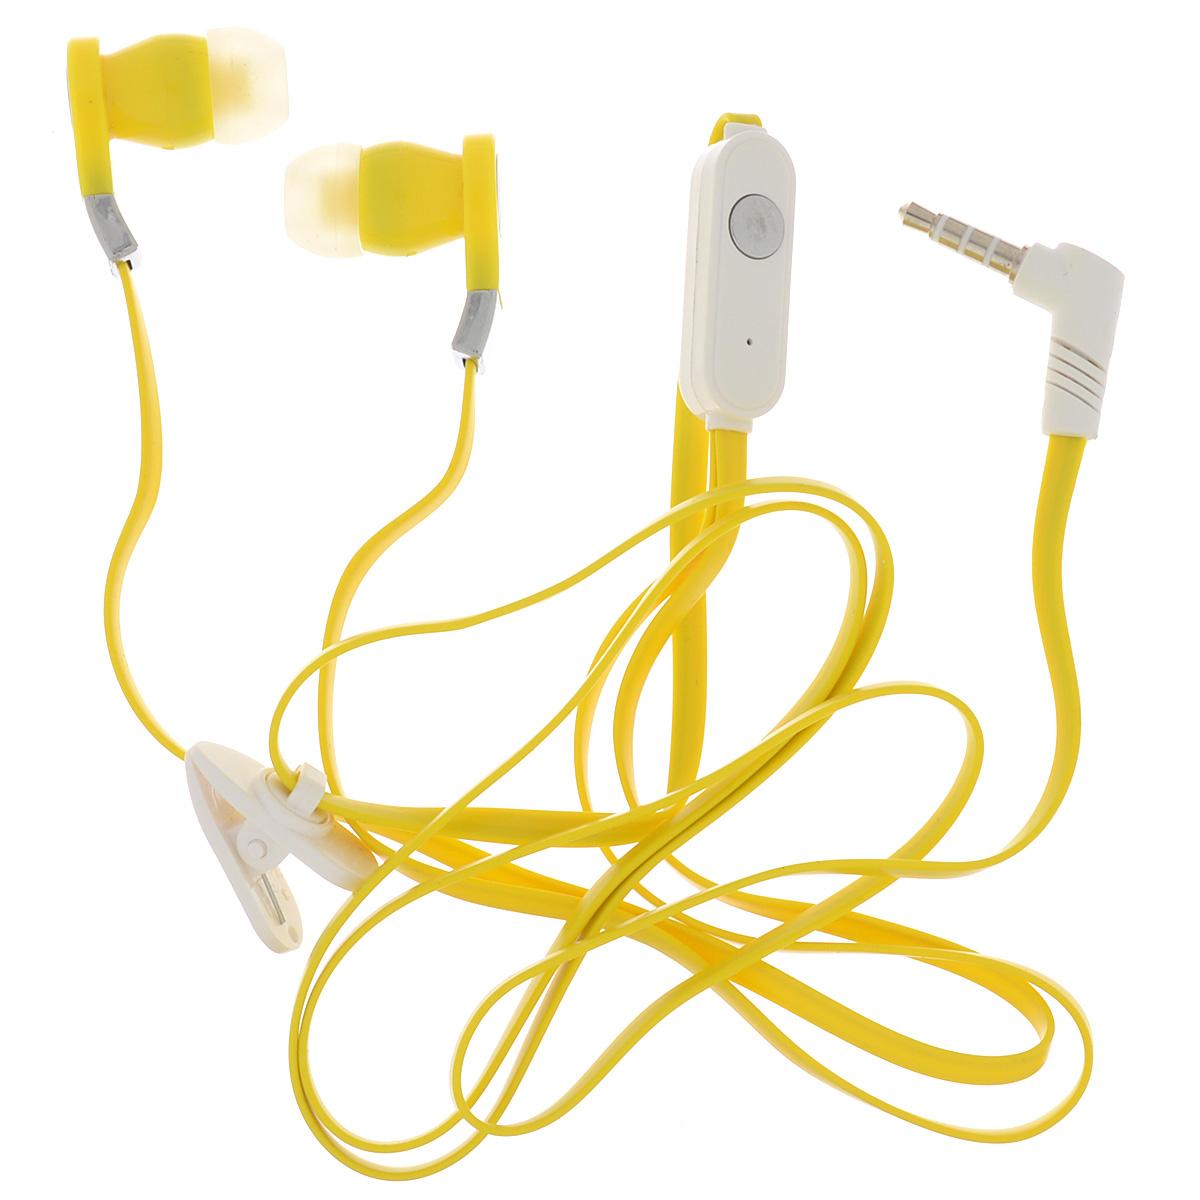 Harper HV-103, Yellow наушникиHV-103 yellowHarper HV-103 - компактные и недорогие внутриканальные наушники с функцией гарнитуры.Кабель длиной 1,2 метра идеально подходит для использования на улице.Встроенный пульт и микрофон предназначен для быстрого переключения между музыкой и вызовами.L-образный штекер для прочности и долговечности кабеля.В комплект входят мягкие силиконовые накладки 3 размеров для максимального комфорта.